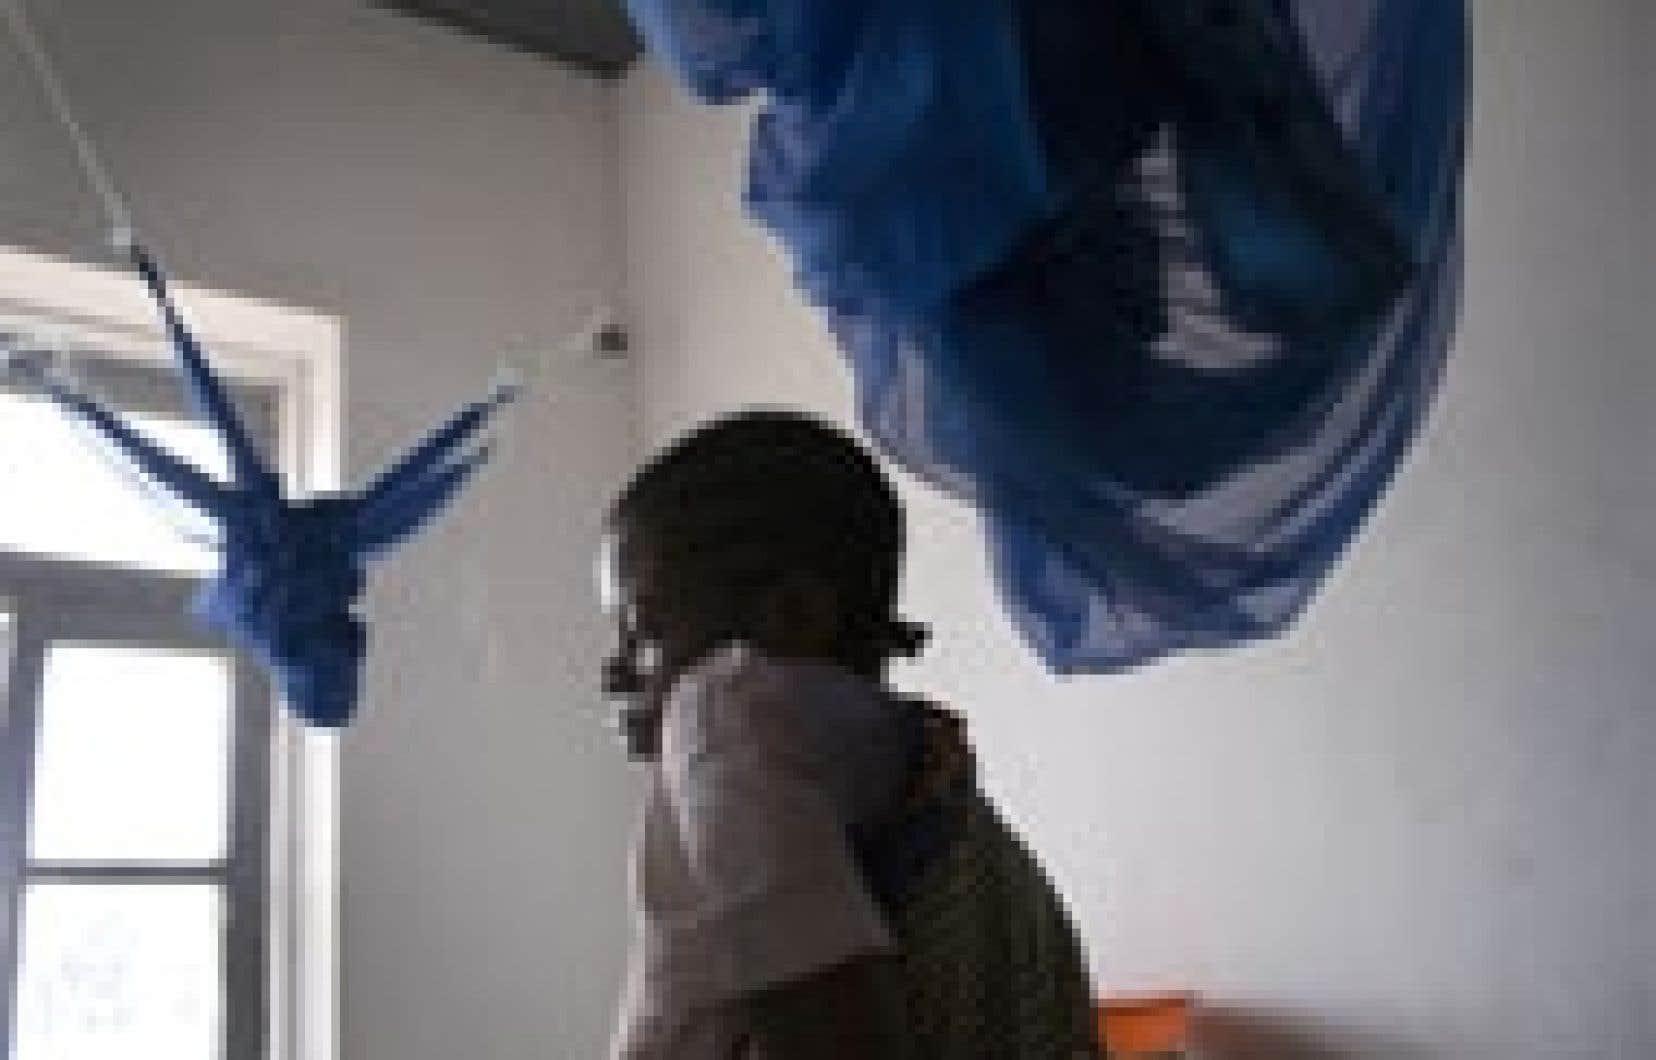 Cette photo est issue du projet de traitement de la tuberculose à Kuito, province de Bi, en Angola. Médecins sans frontières travaille dans ce pays depuis 1983. Ce projet traite environ 700 personnes, dont 20% d'enfants.